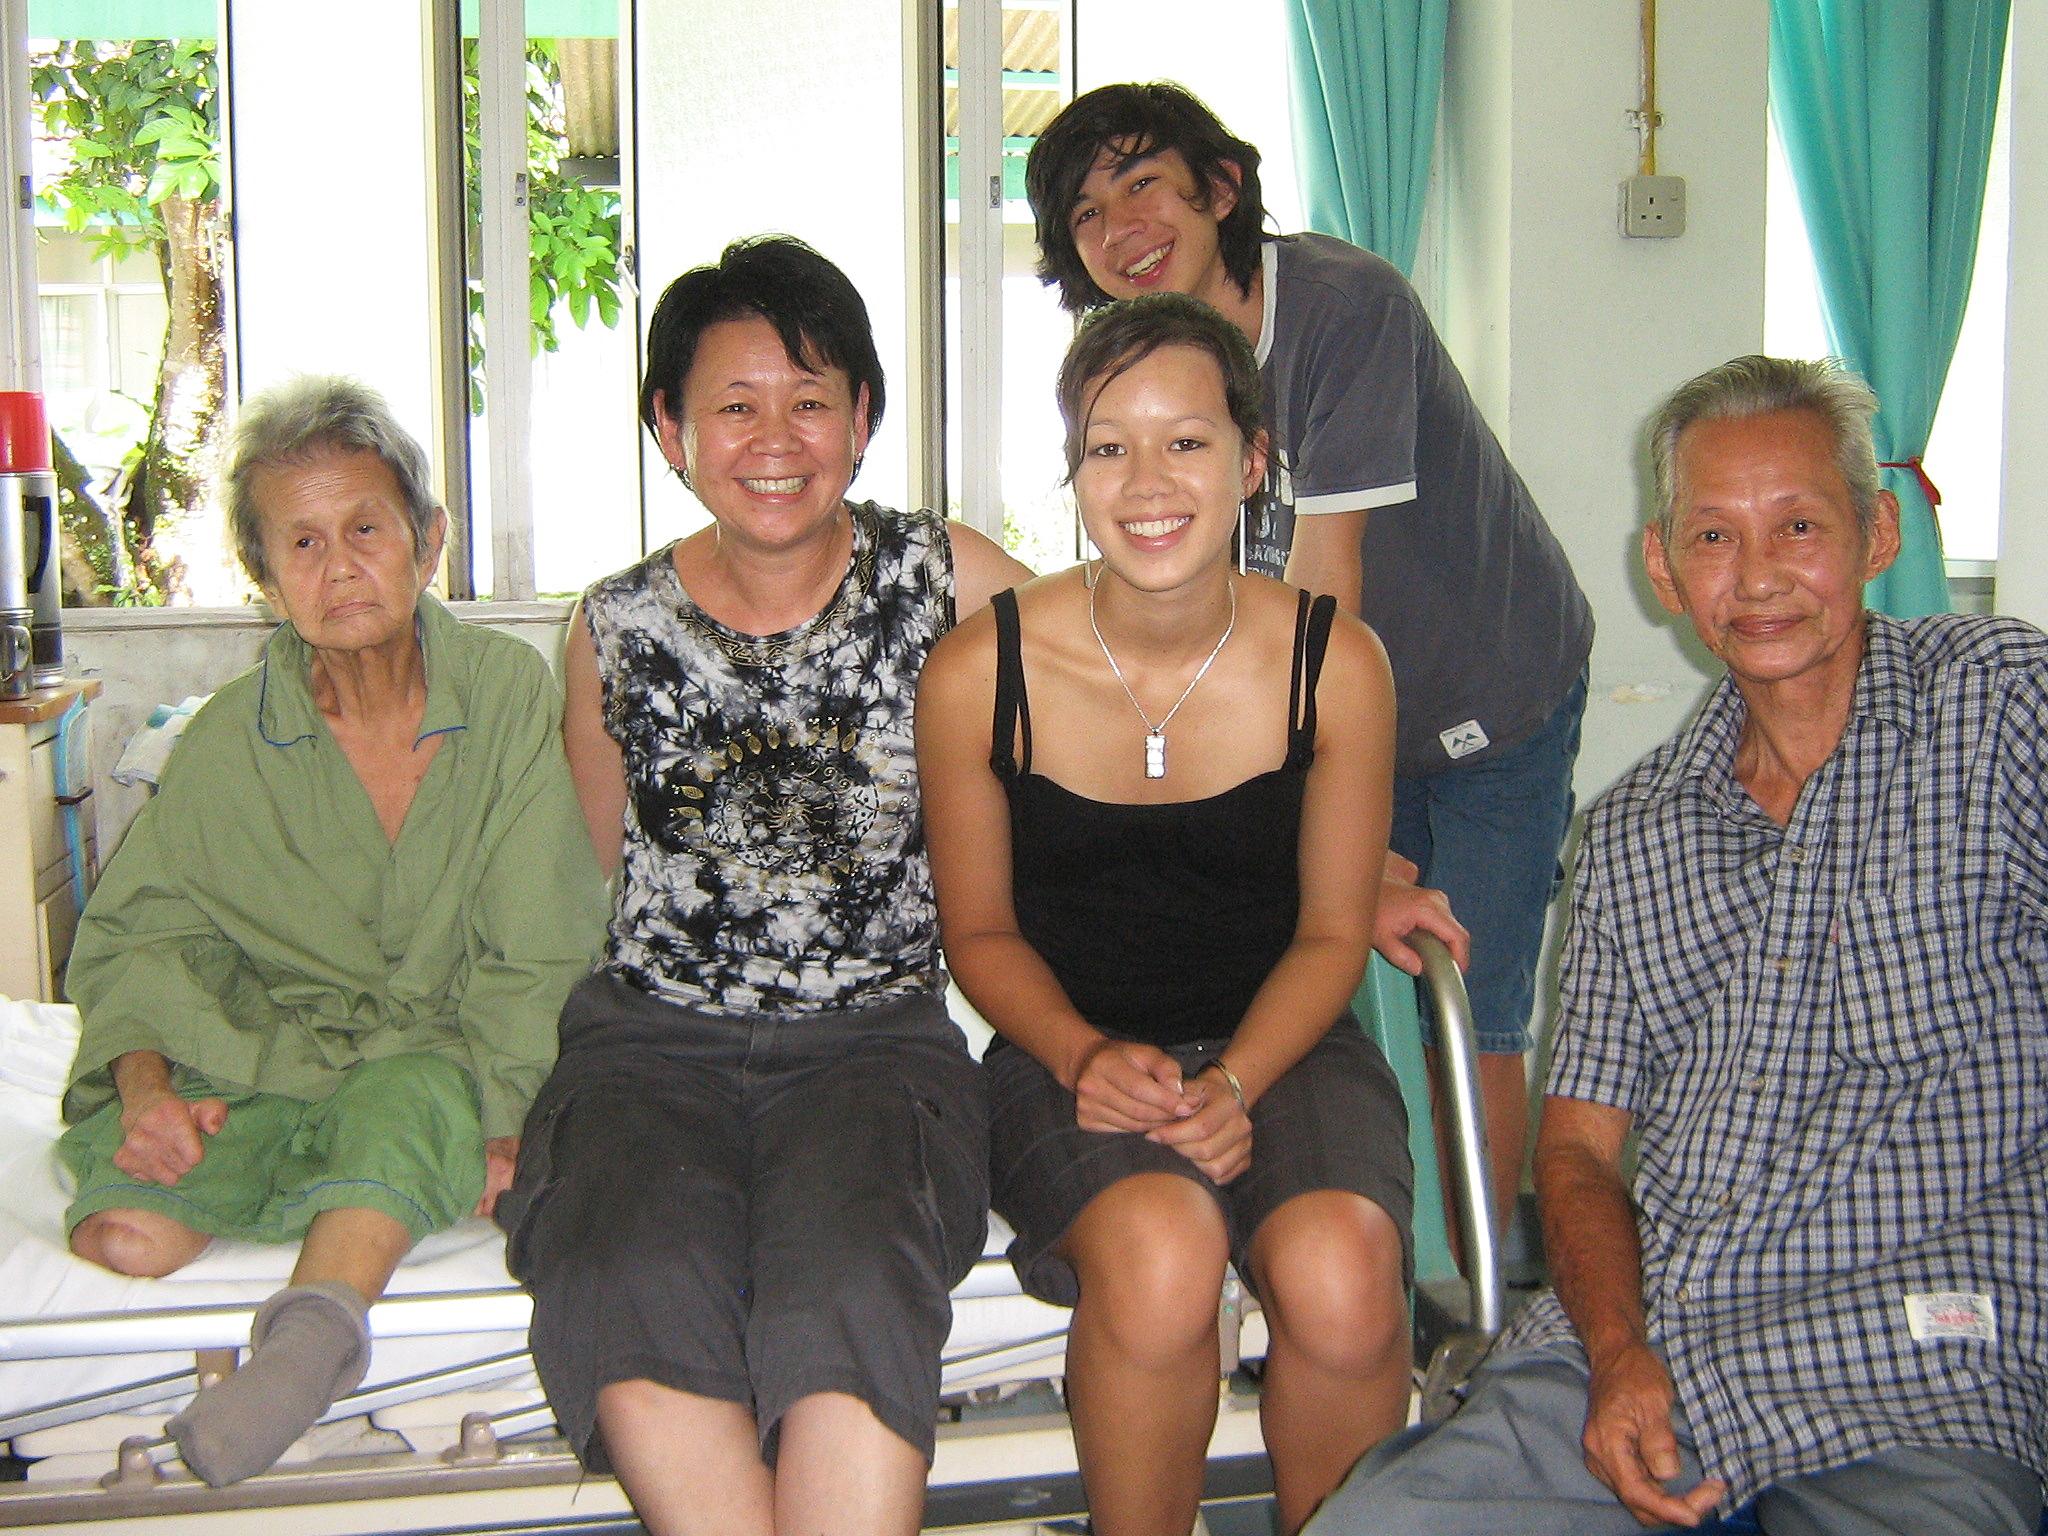 一个自小被外国人领养的麻疯病人后代与亲生父母在病楼重逢。(  照片由朱莉皮尔斯  提供)